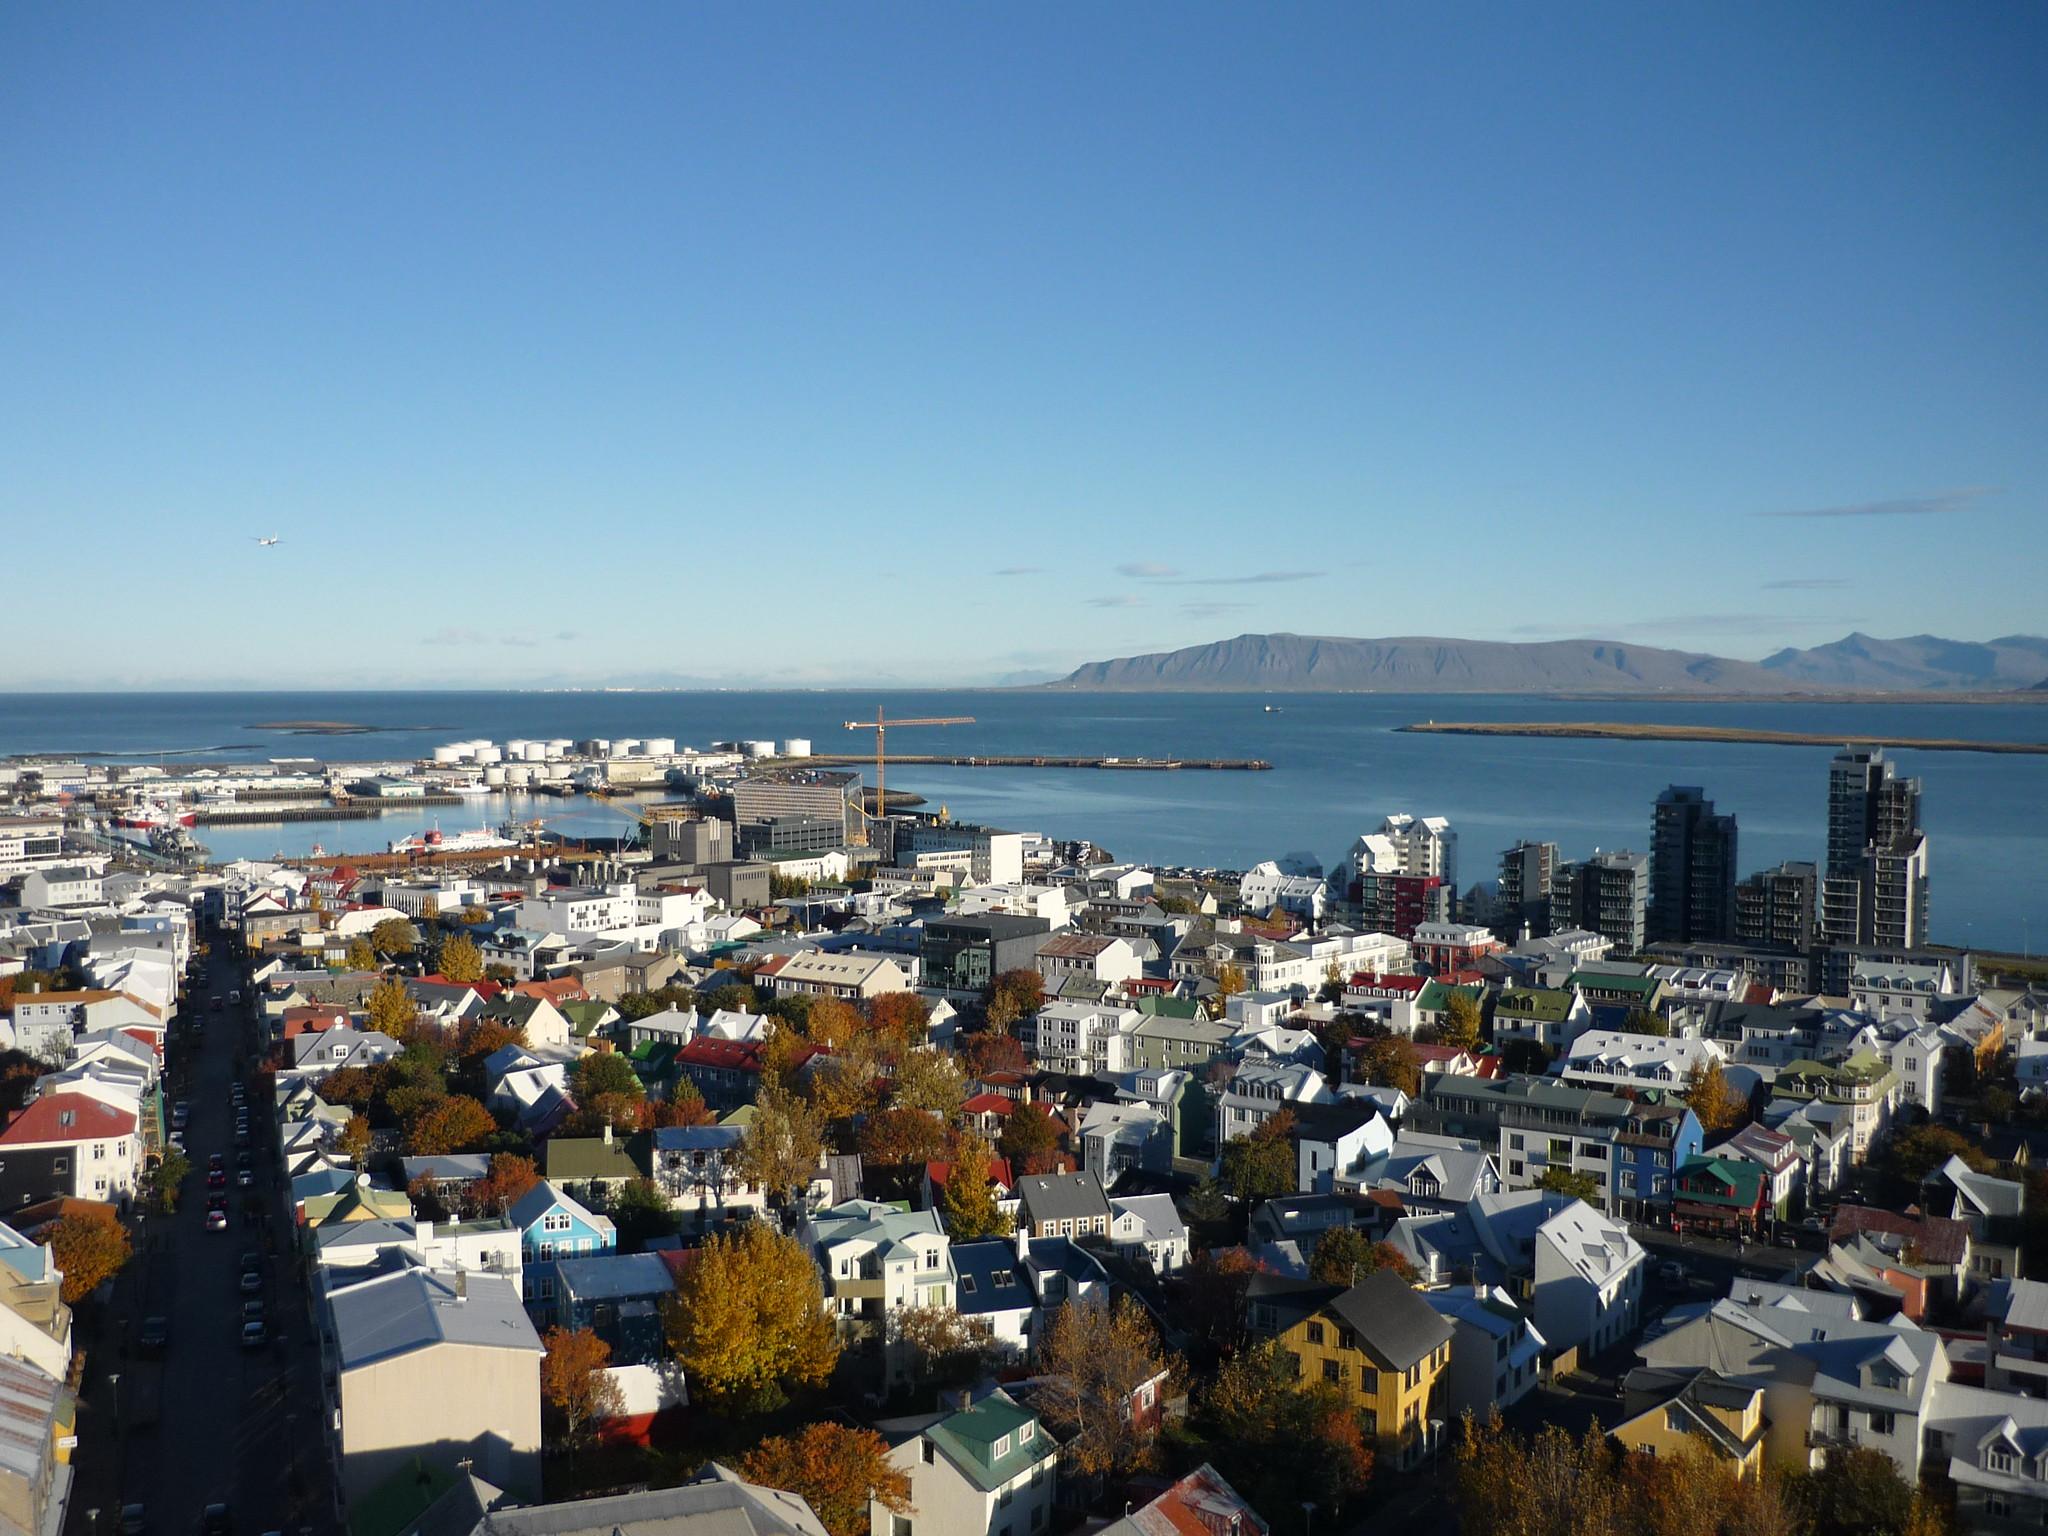 A panoramic shot of Reykjavik, Iceland